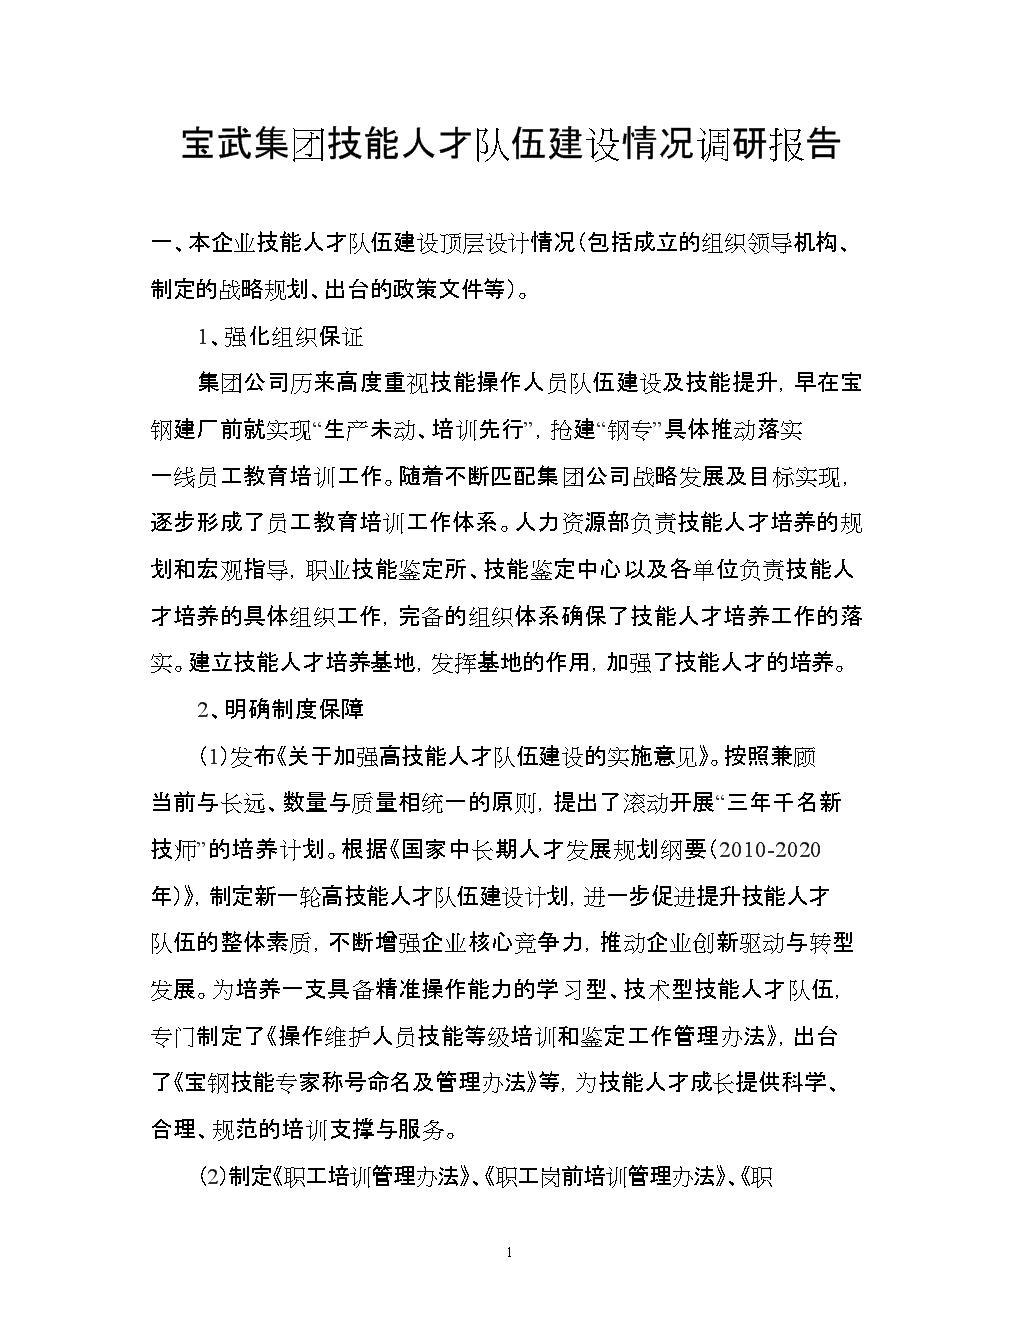 11+宝武集团技能人才队伍建设情况调研报告.doc